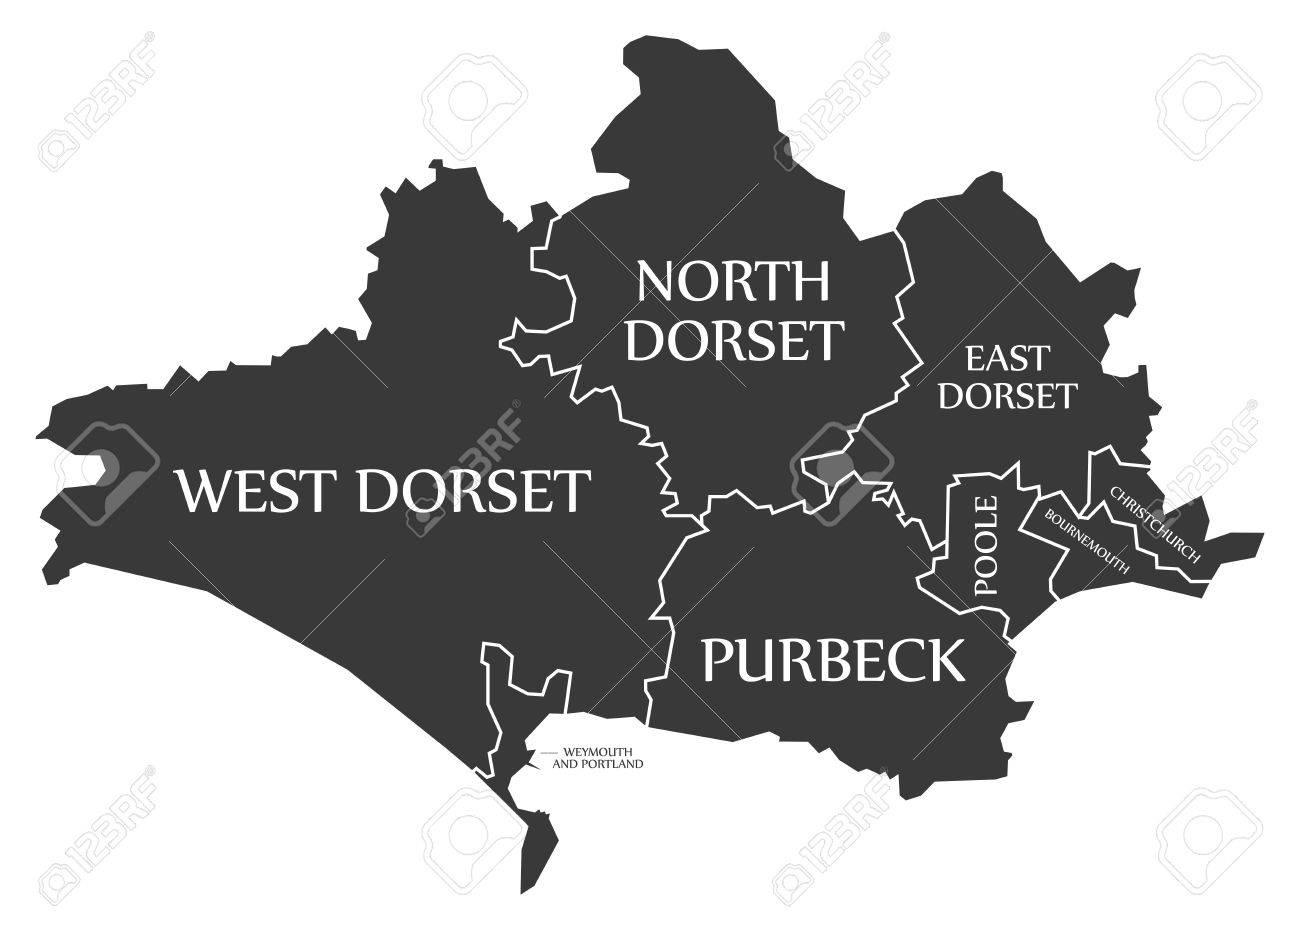 Carte Royaume Uni Noir Et Blanc.Dorset Comte Angleterre Royaume Uni Noir Carte Blanc Etiquettes Illustration